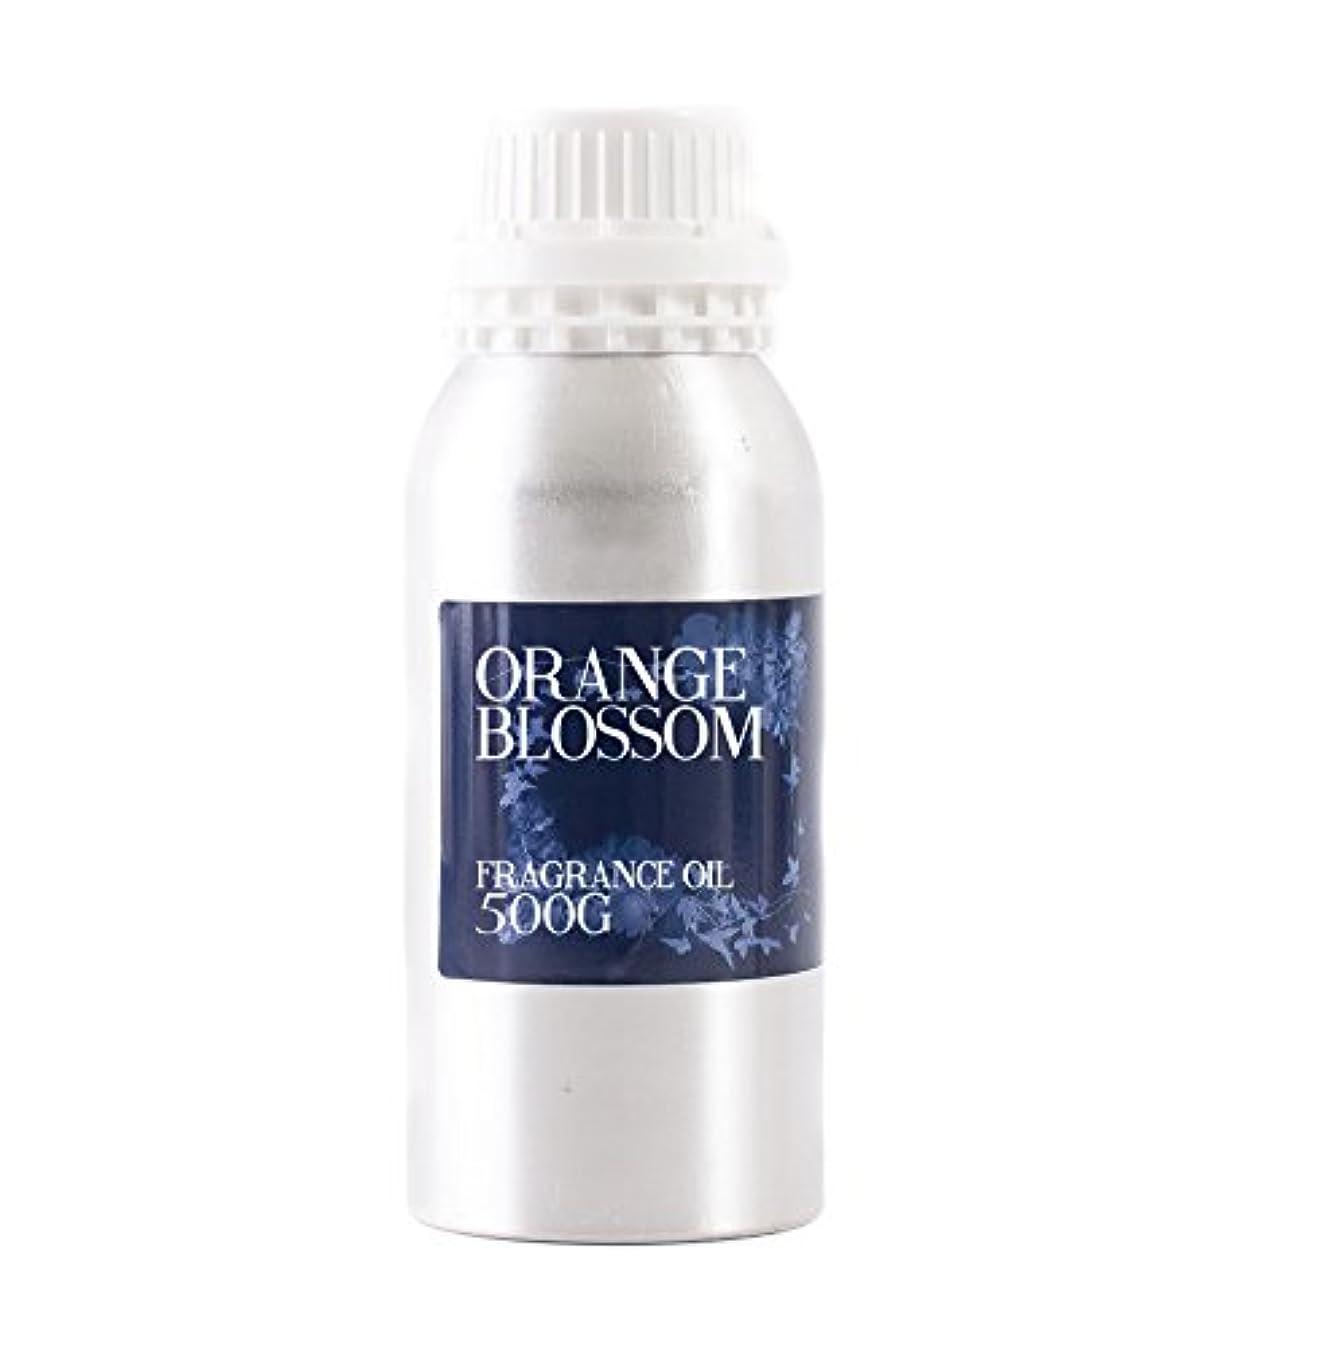 サイレントギターコンサルタントMystic Moments   Orange Blossom Fragrance Oil - 500g